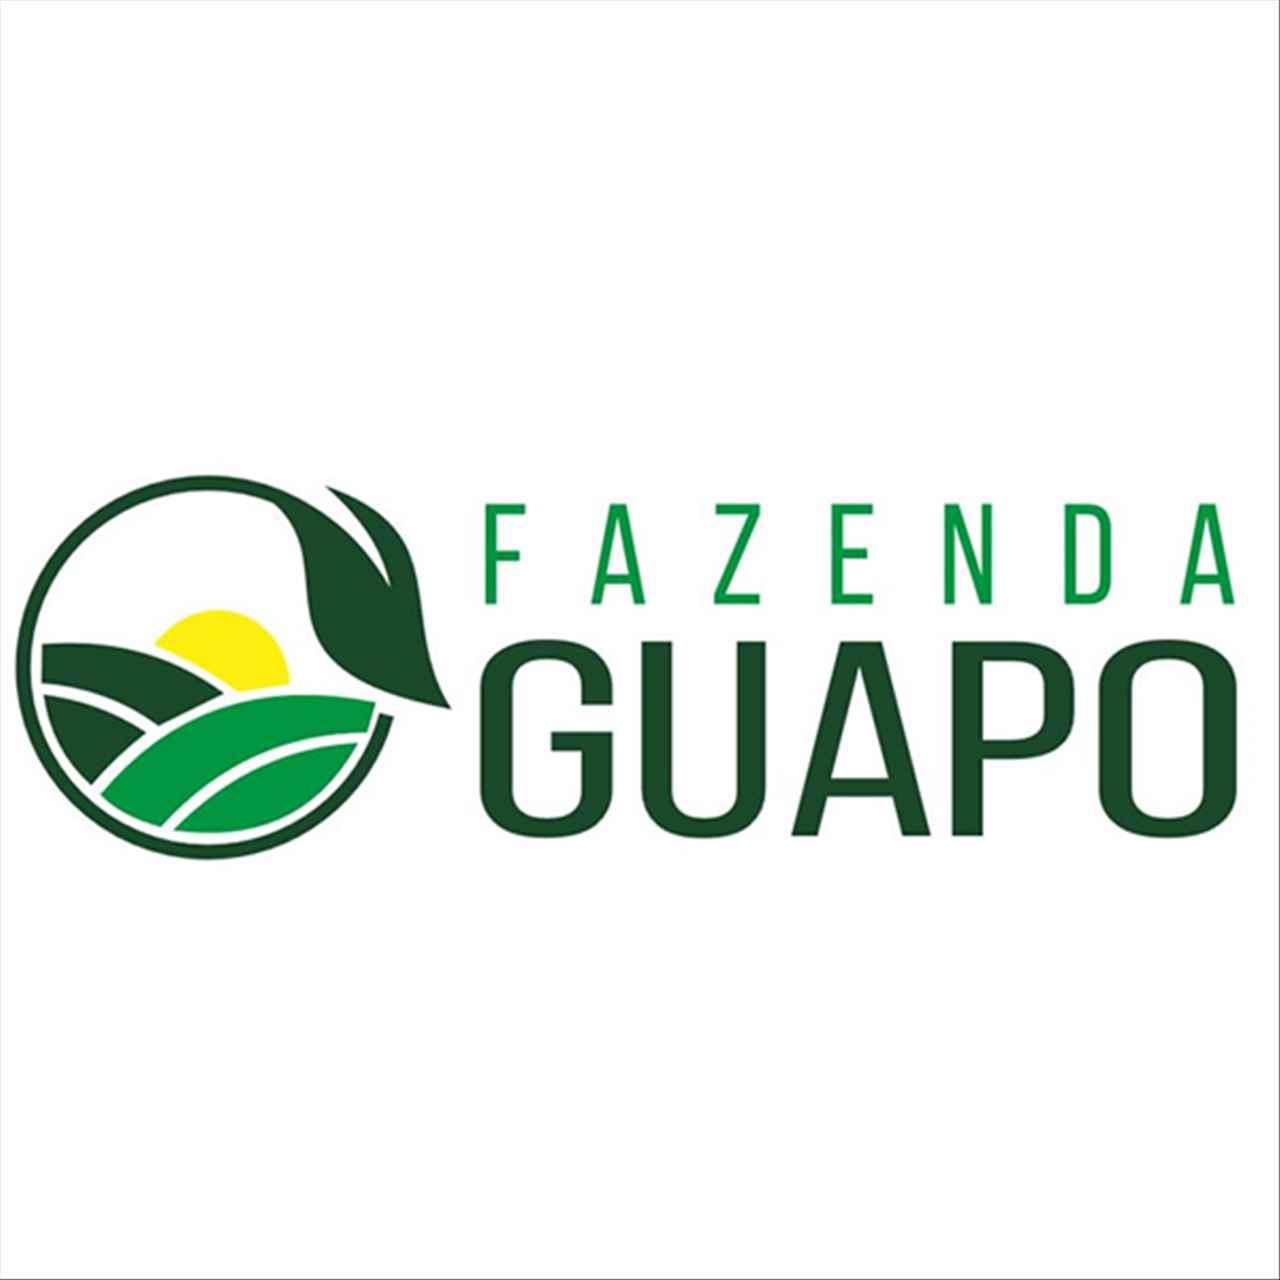 Fazenda Guapo Agropecuária